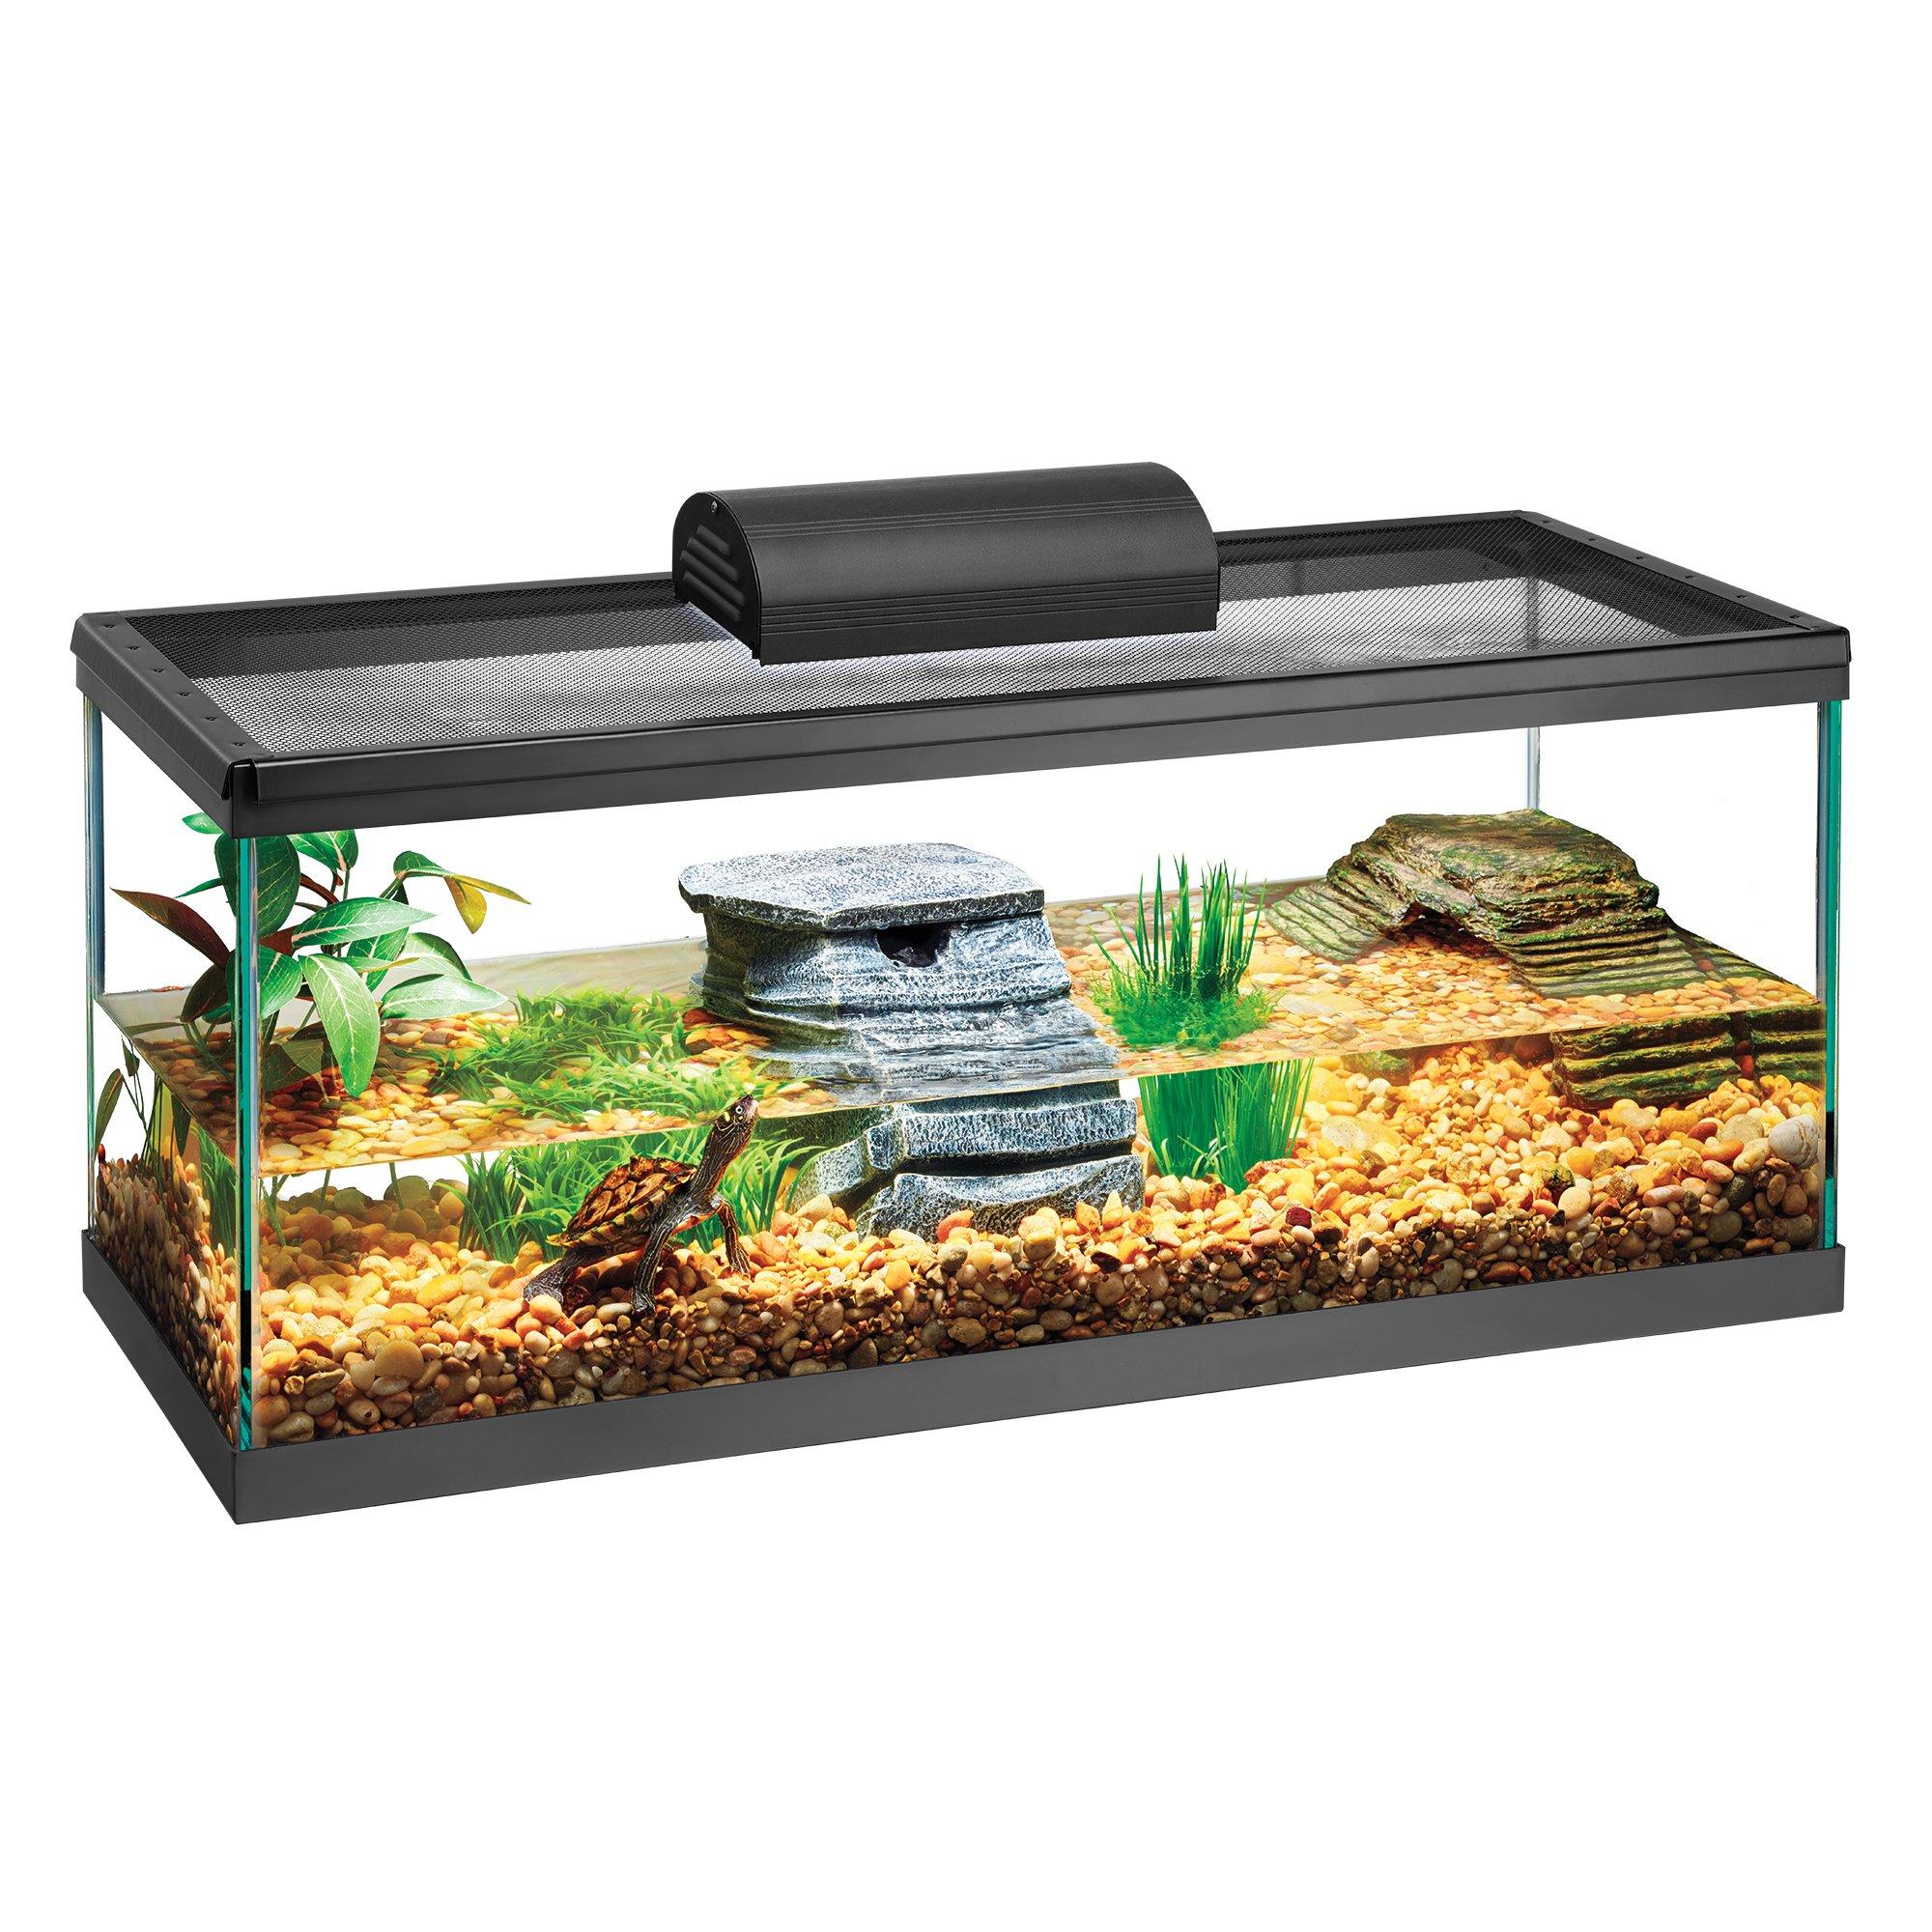 Zilla Aquatic Turtle Aquarium Kit   Petco